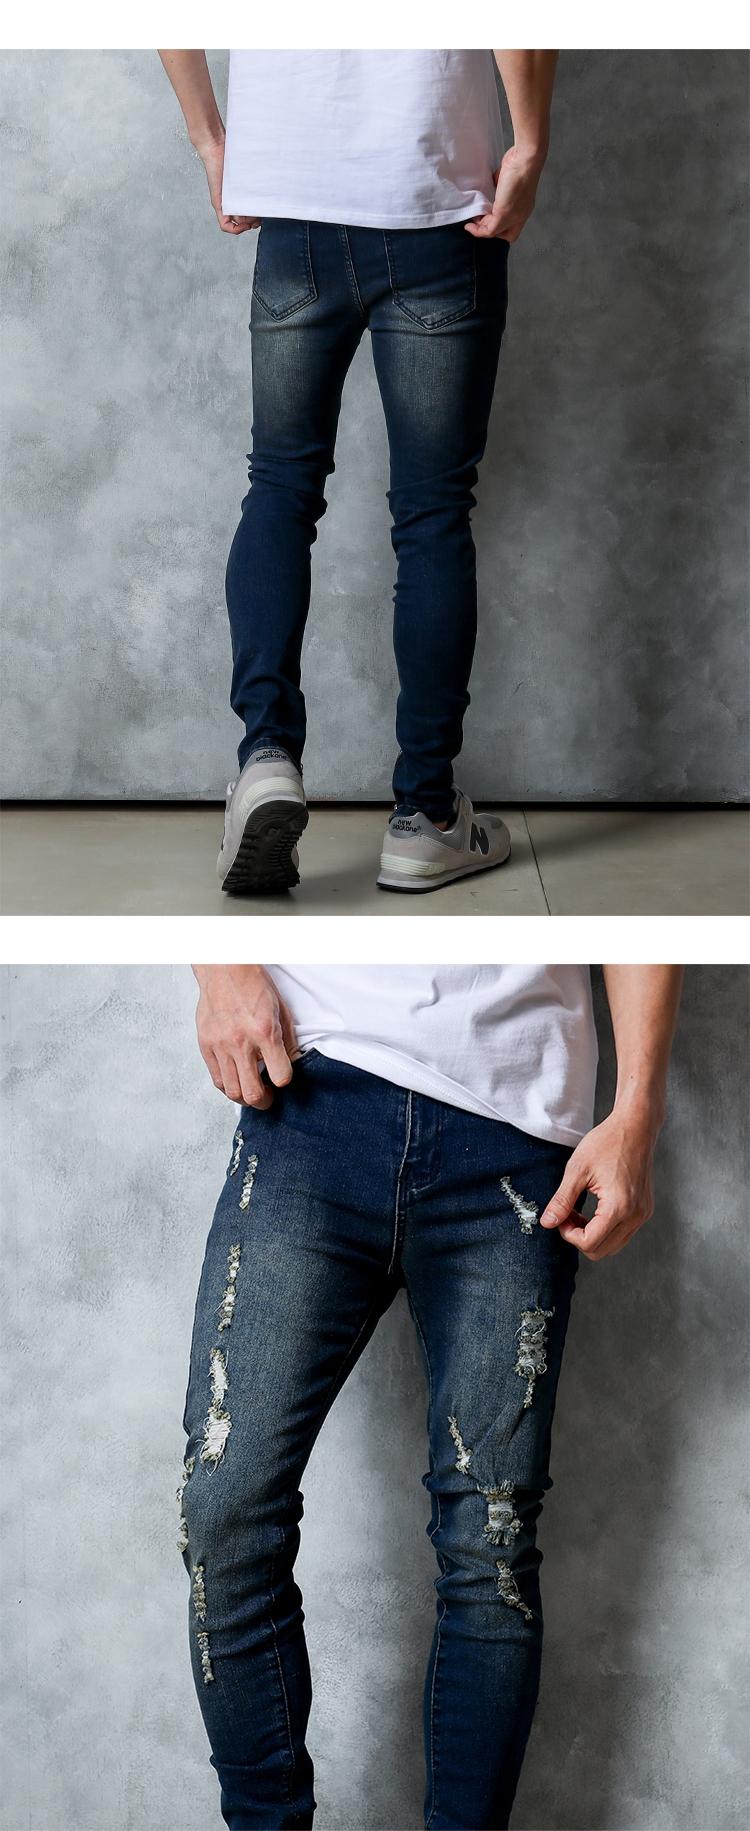 率性破洞 褲腳拉鍊修身牛仔褲